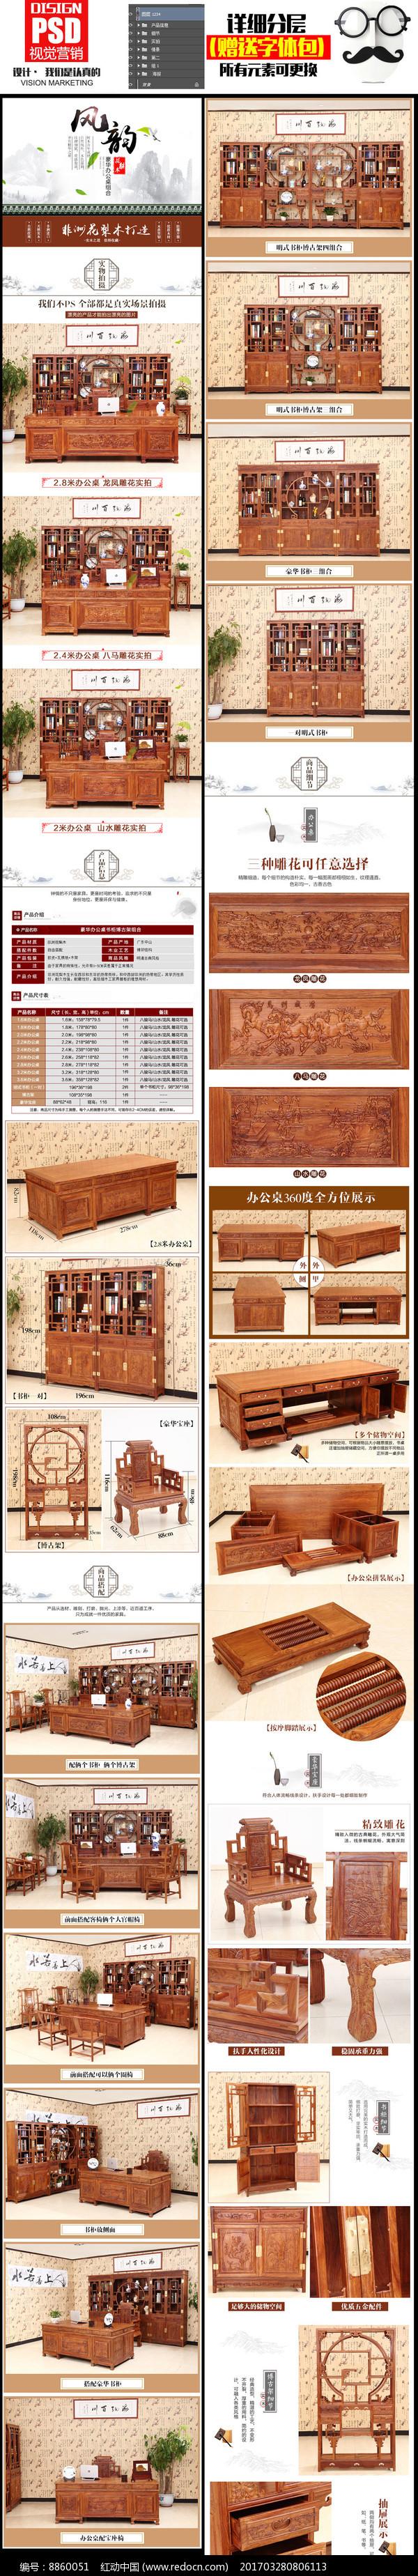 中国风红木家具淘宝详情PSD图片